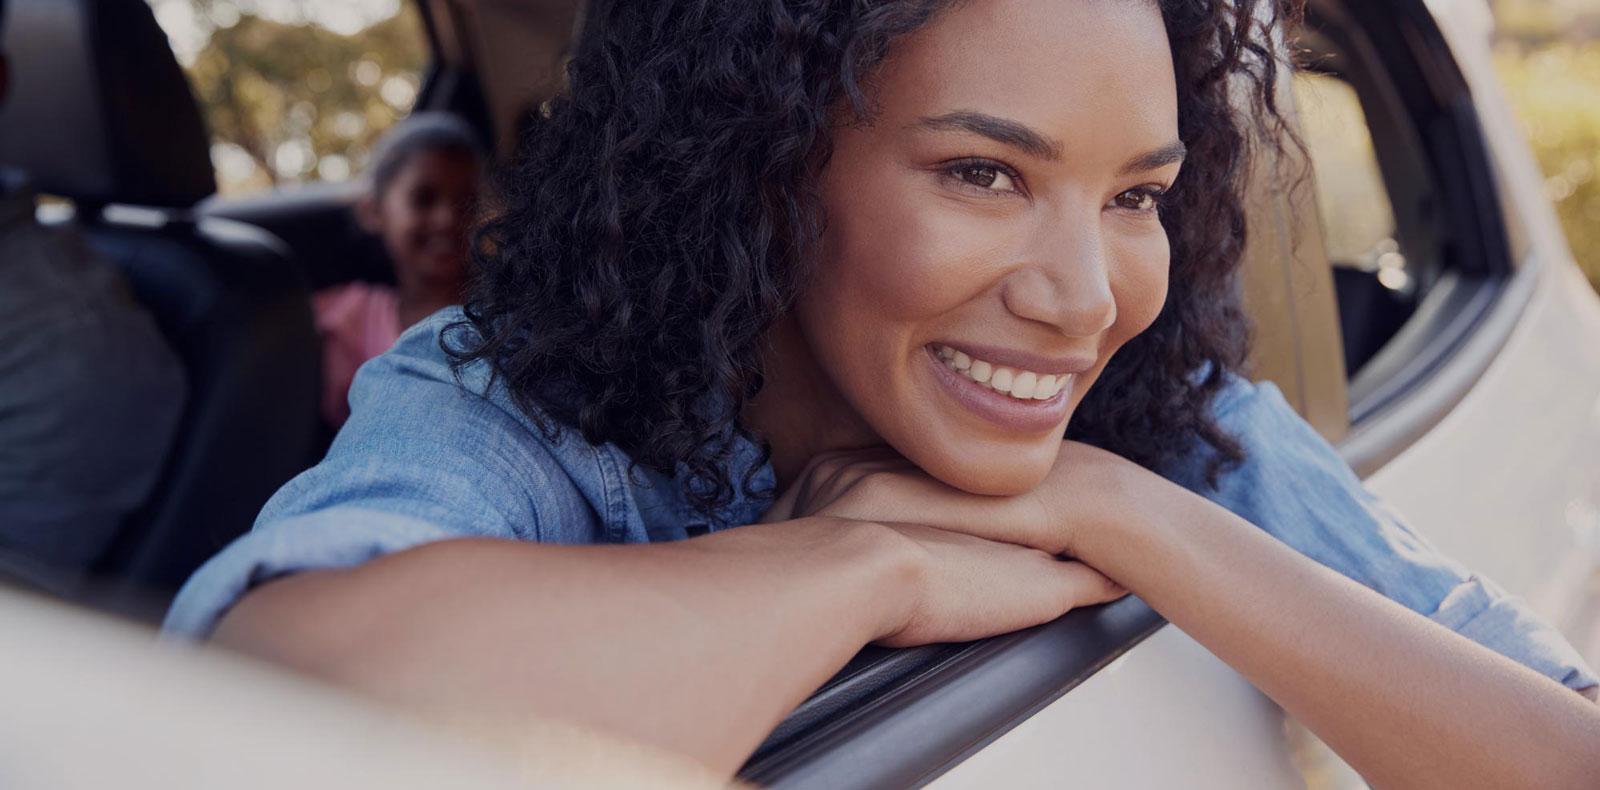 Leasingautoilu on helppo ja huoleton vaihtoehto eri elämäntilanteisiin.